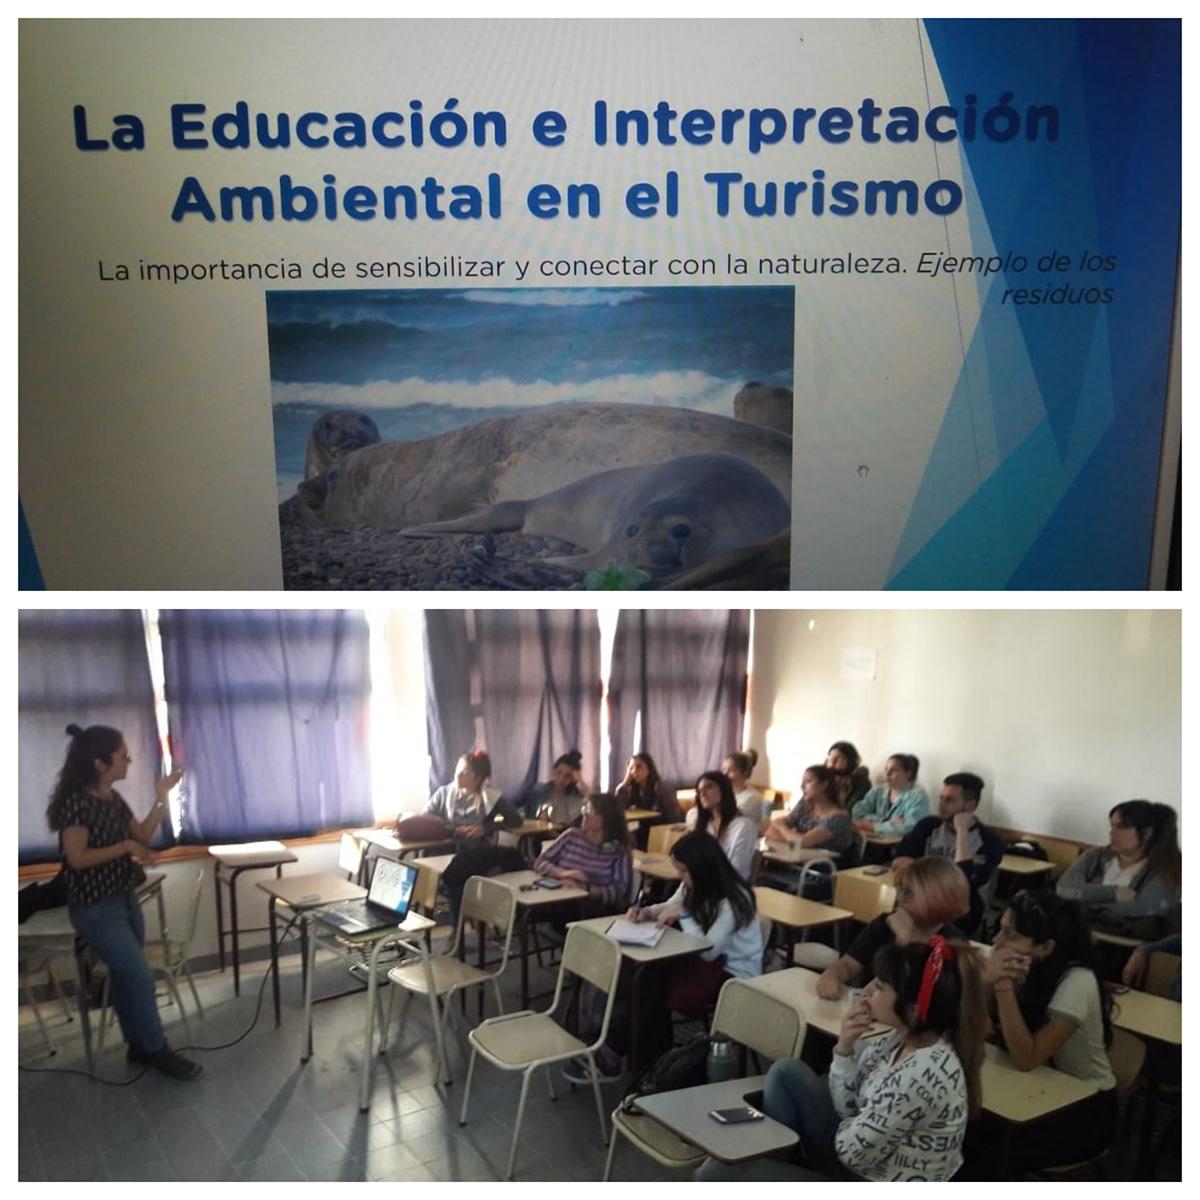 Educación e interpretación ambiental en el turismo